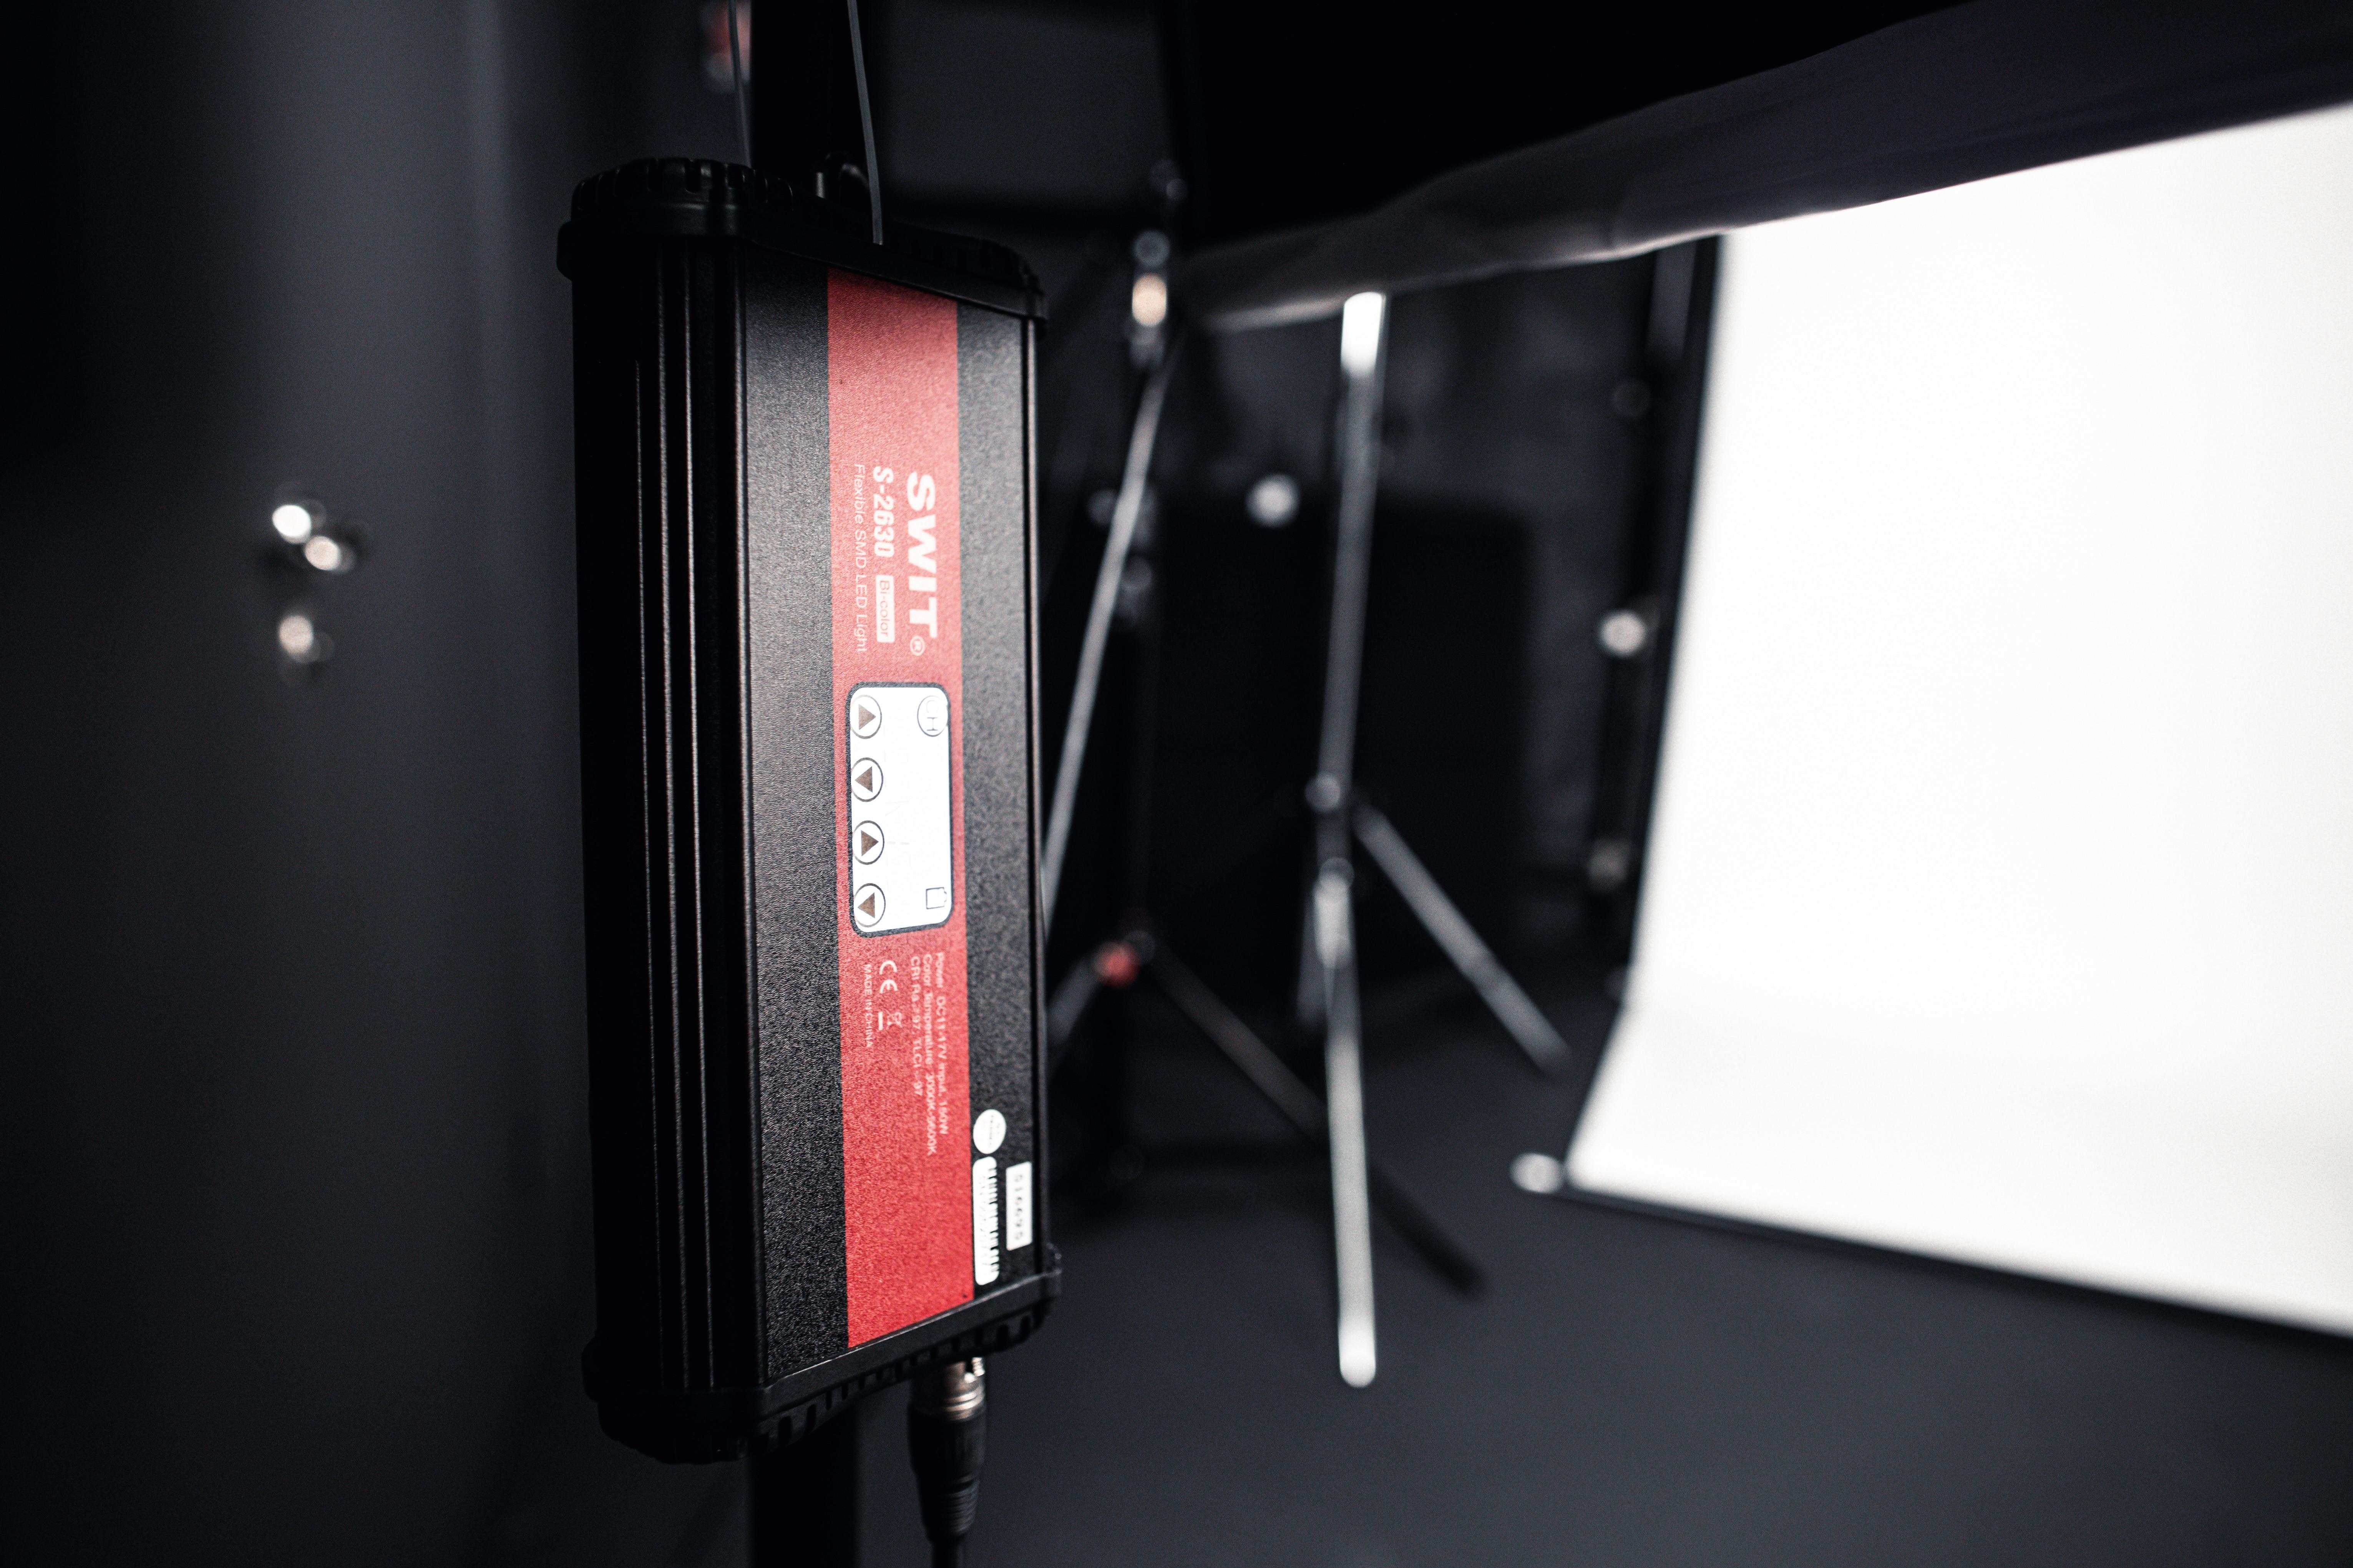 Fotostudion ink utrustning (1h)